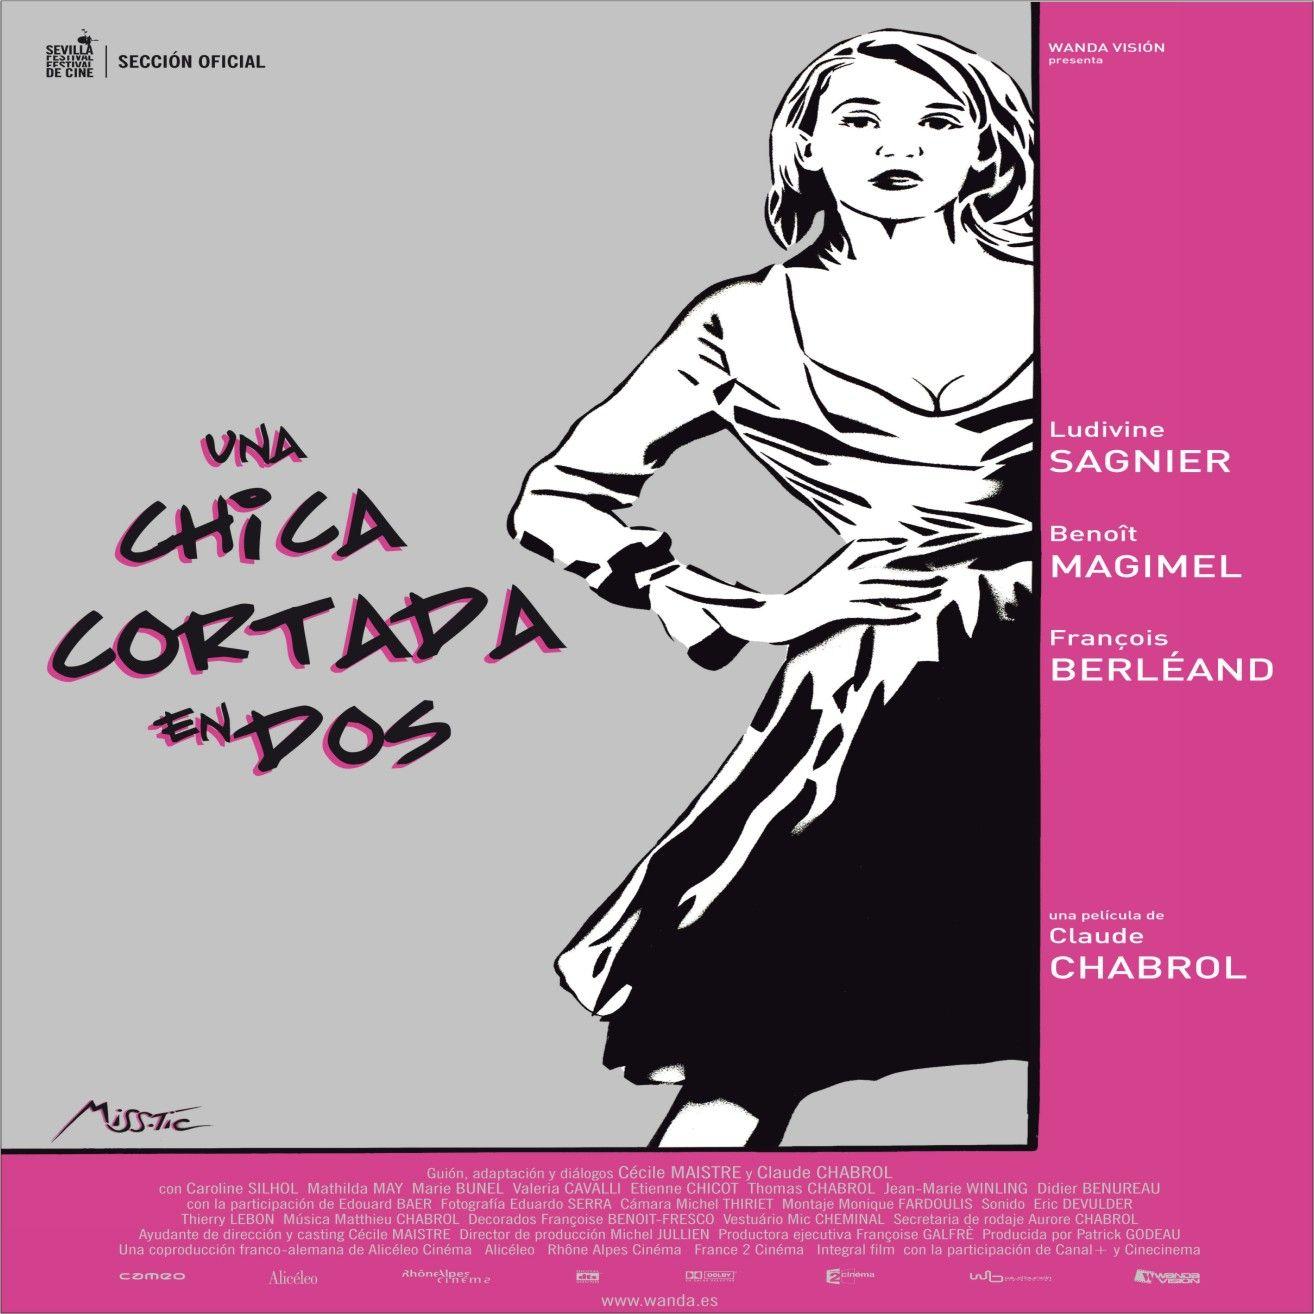 Una Chica Cortada En Dos (2007)